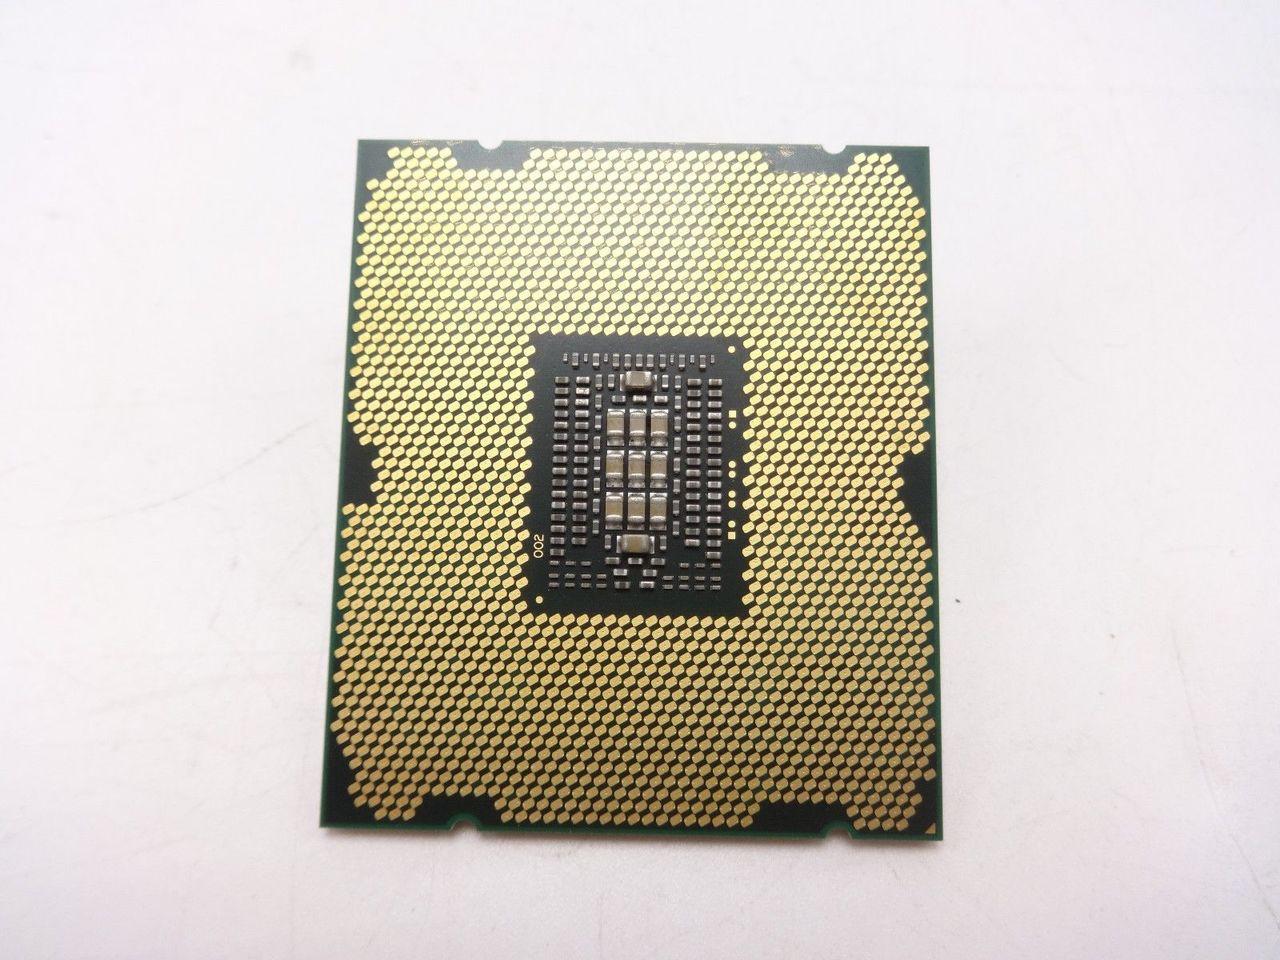 Intel SR0KM Xeon 6C 2GHZ/15MB E5-2630L Processor